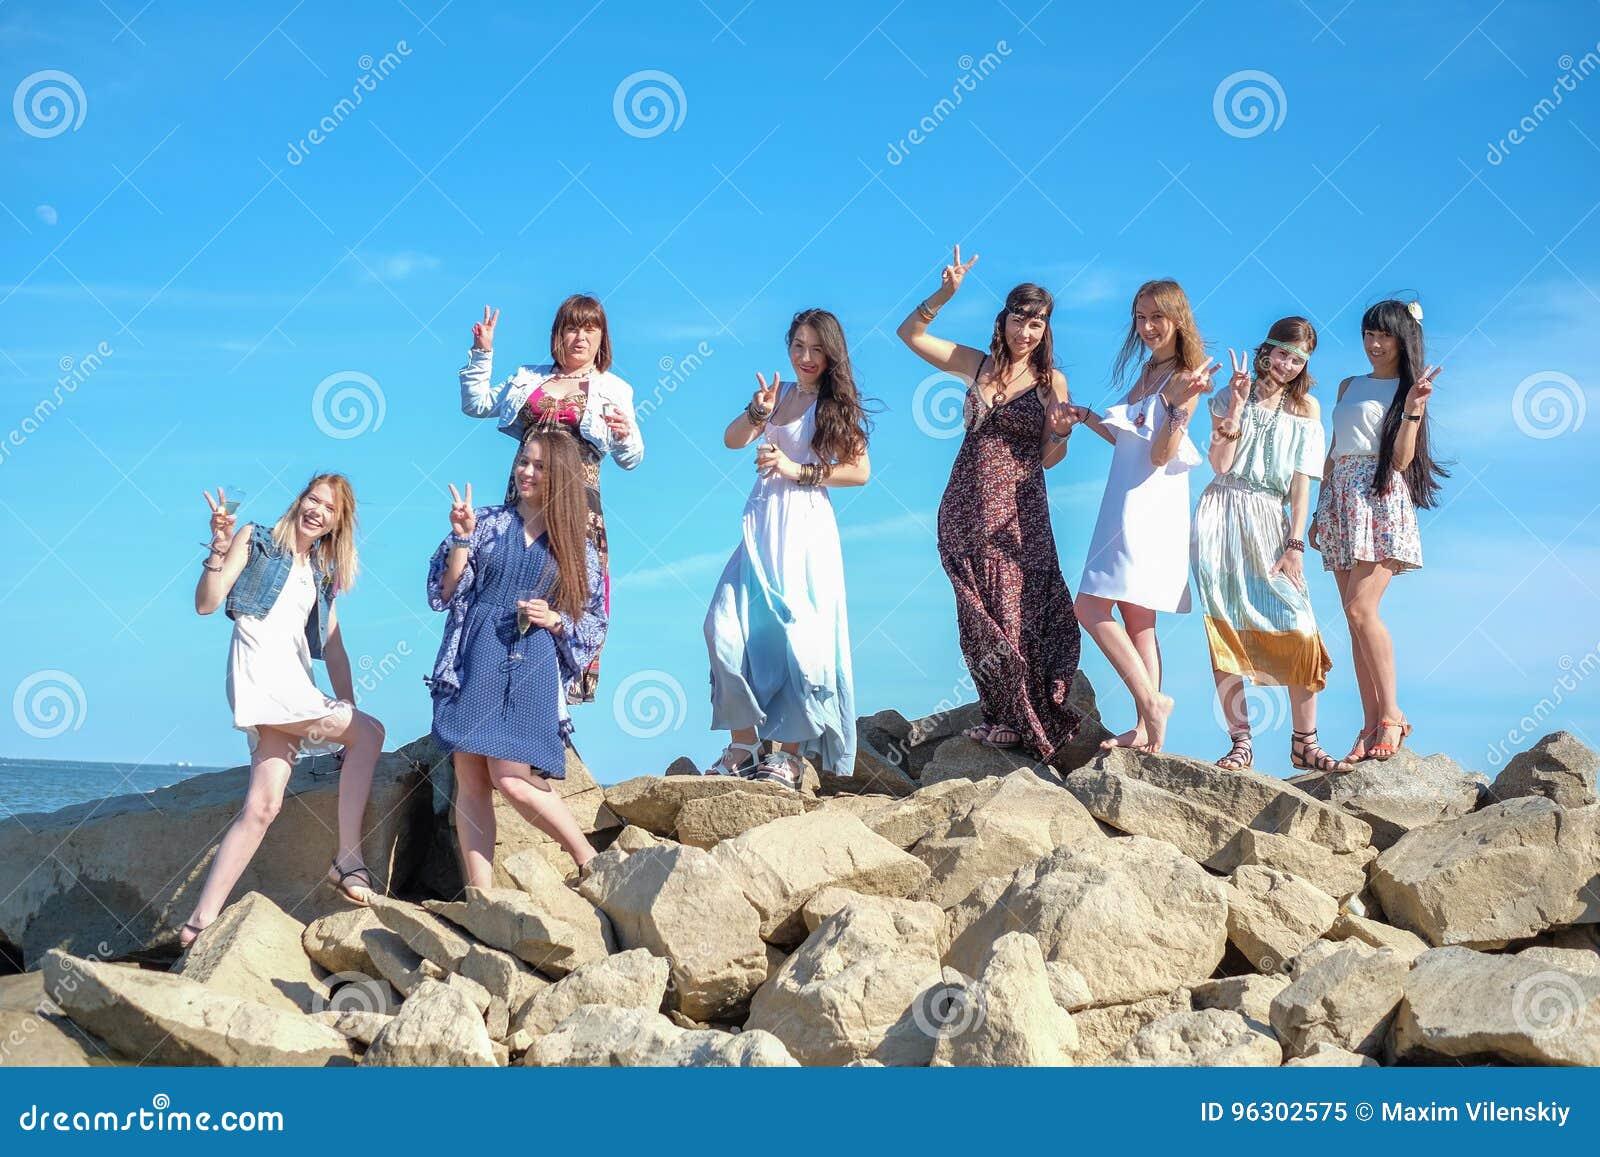 Grupo de situación para mujer joven junto en una playa en un día de verano Gente joven feliz que disfruta de un día en la playa